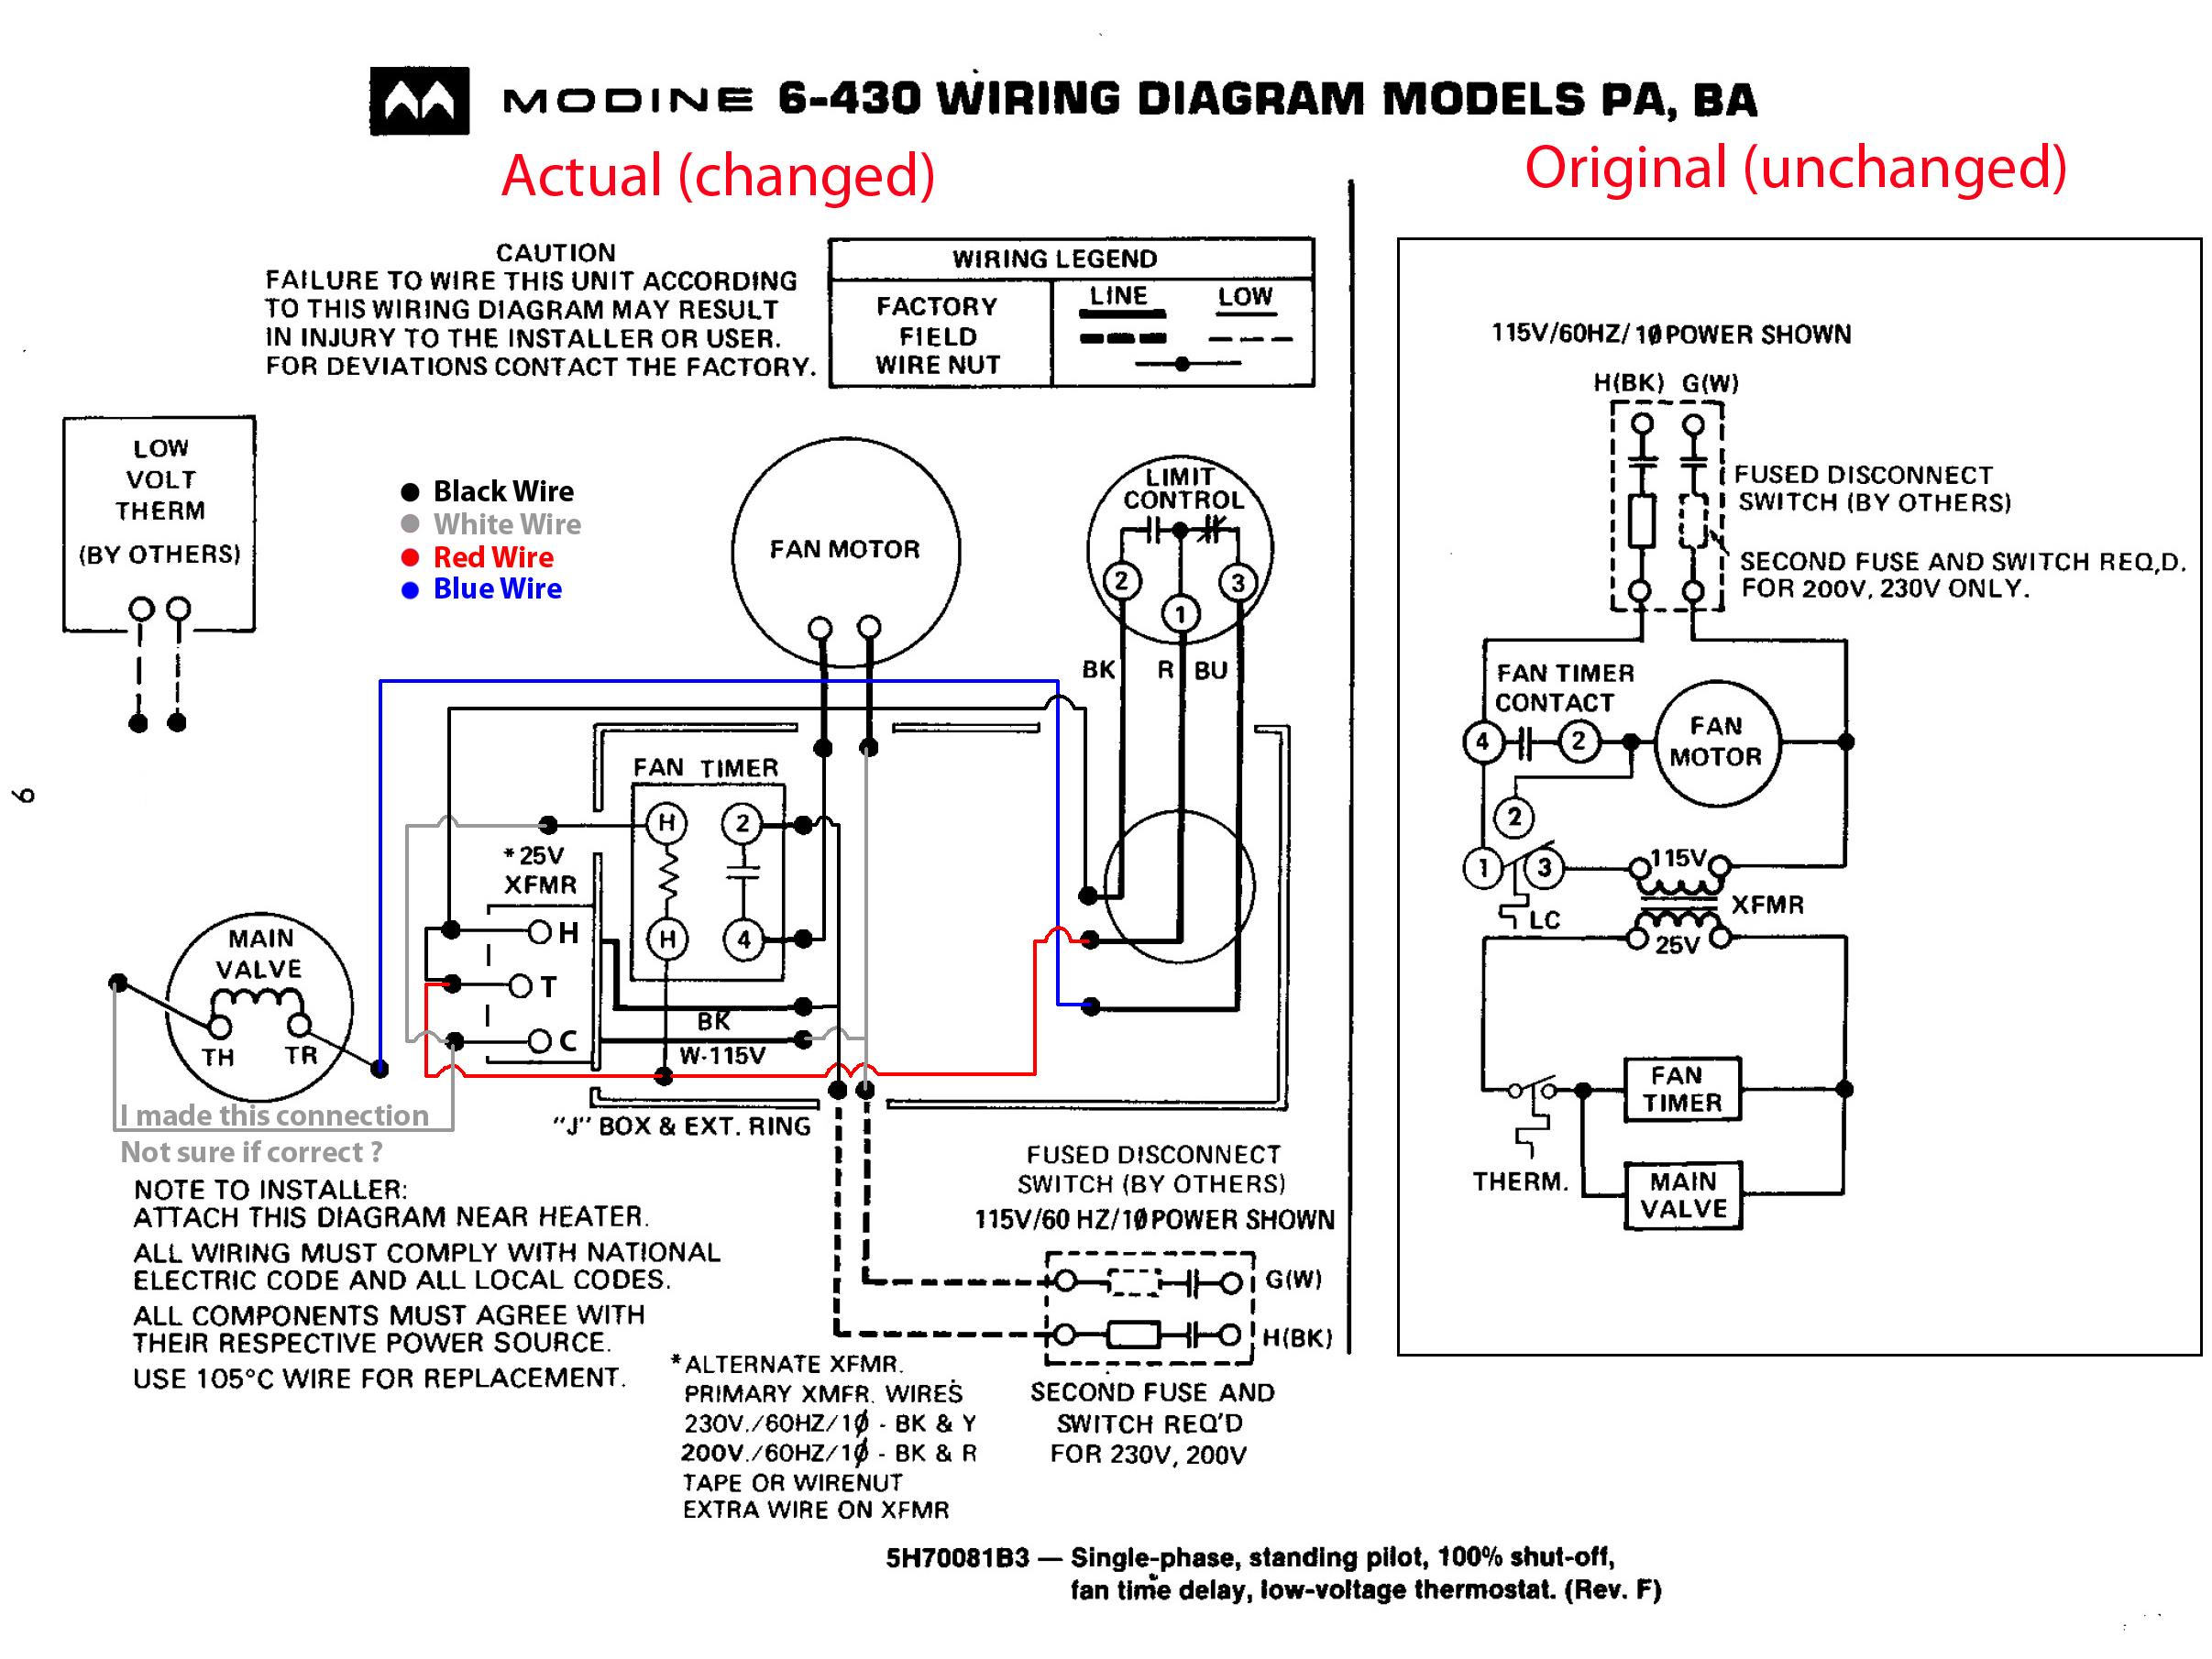 Modine Wiring Diagram from i1.wp.com